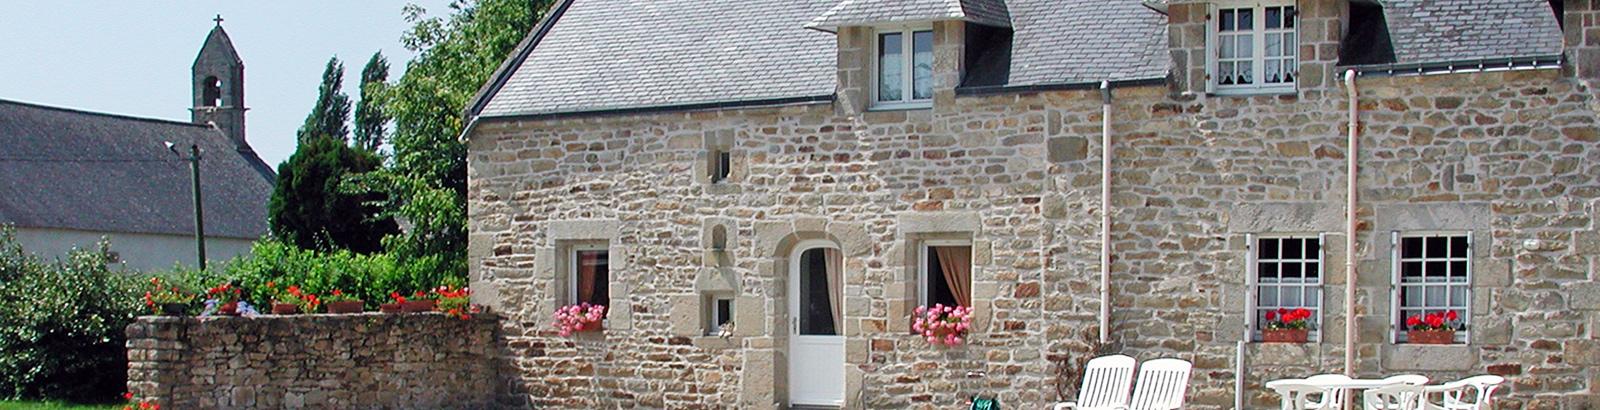 Vakantie huis La Chapelle voor 4 personen